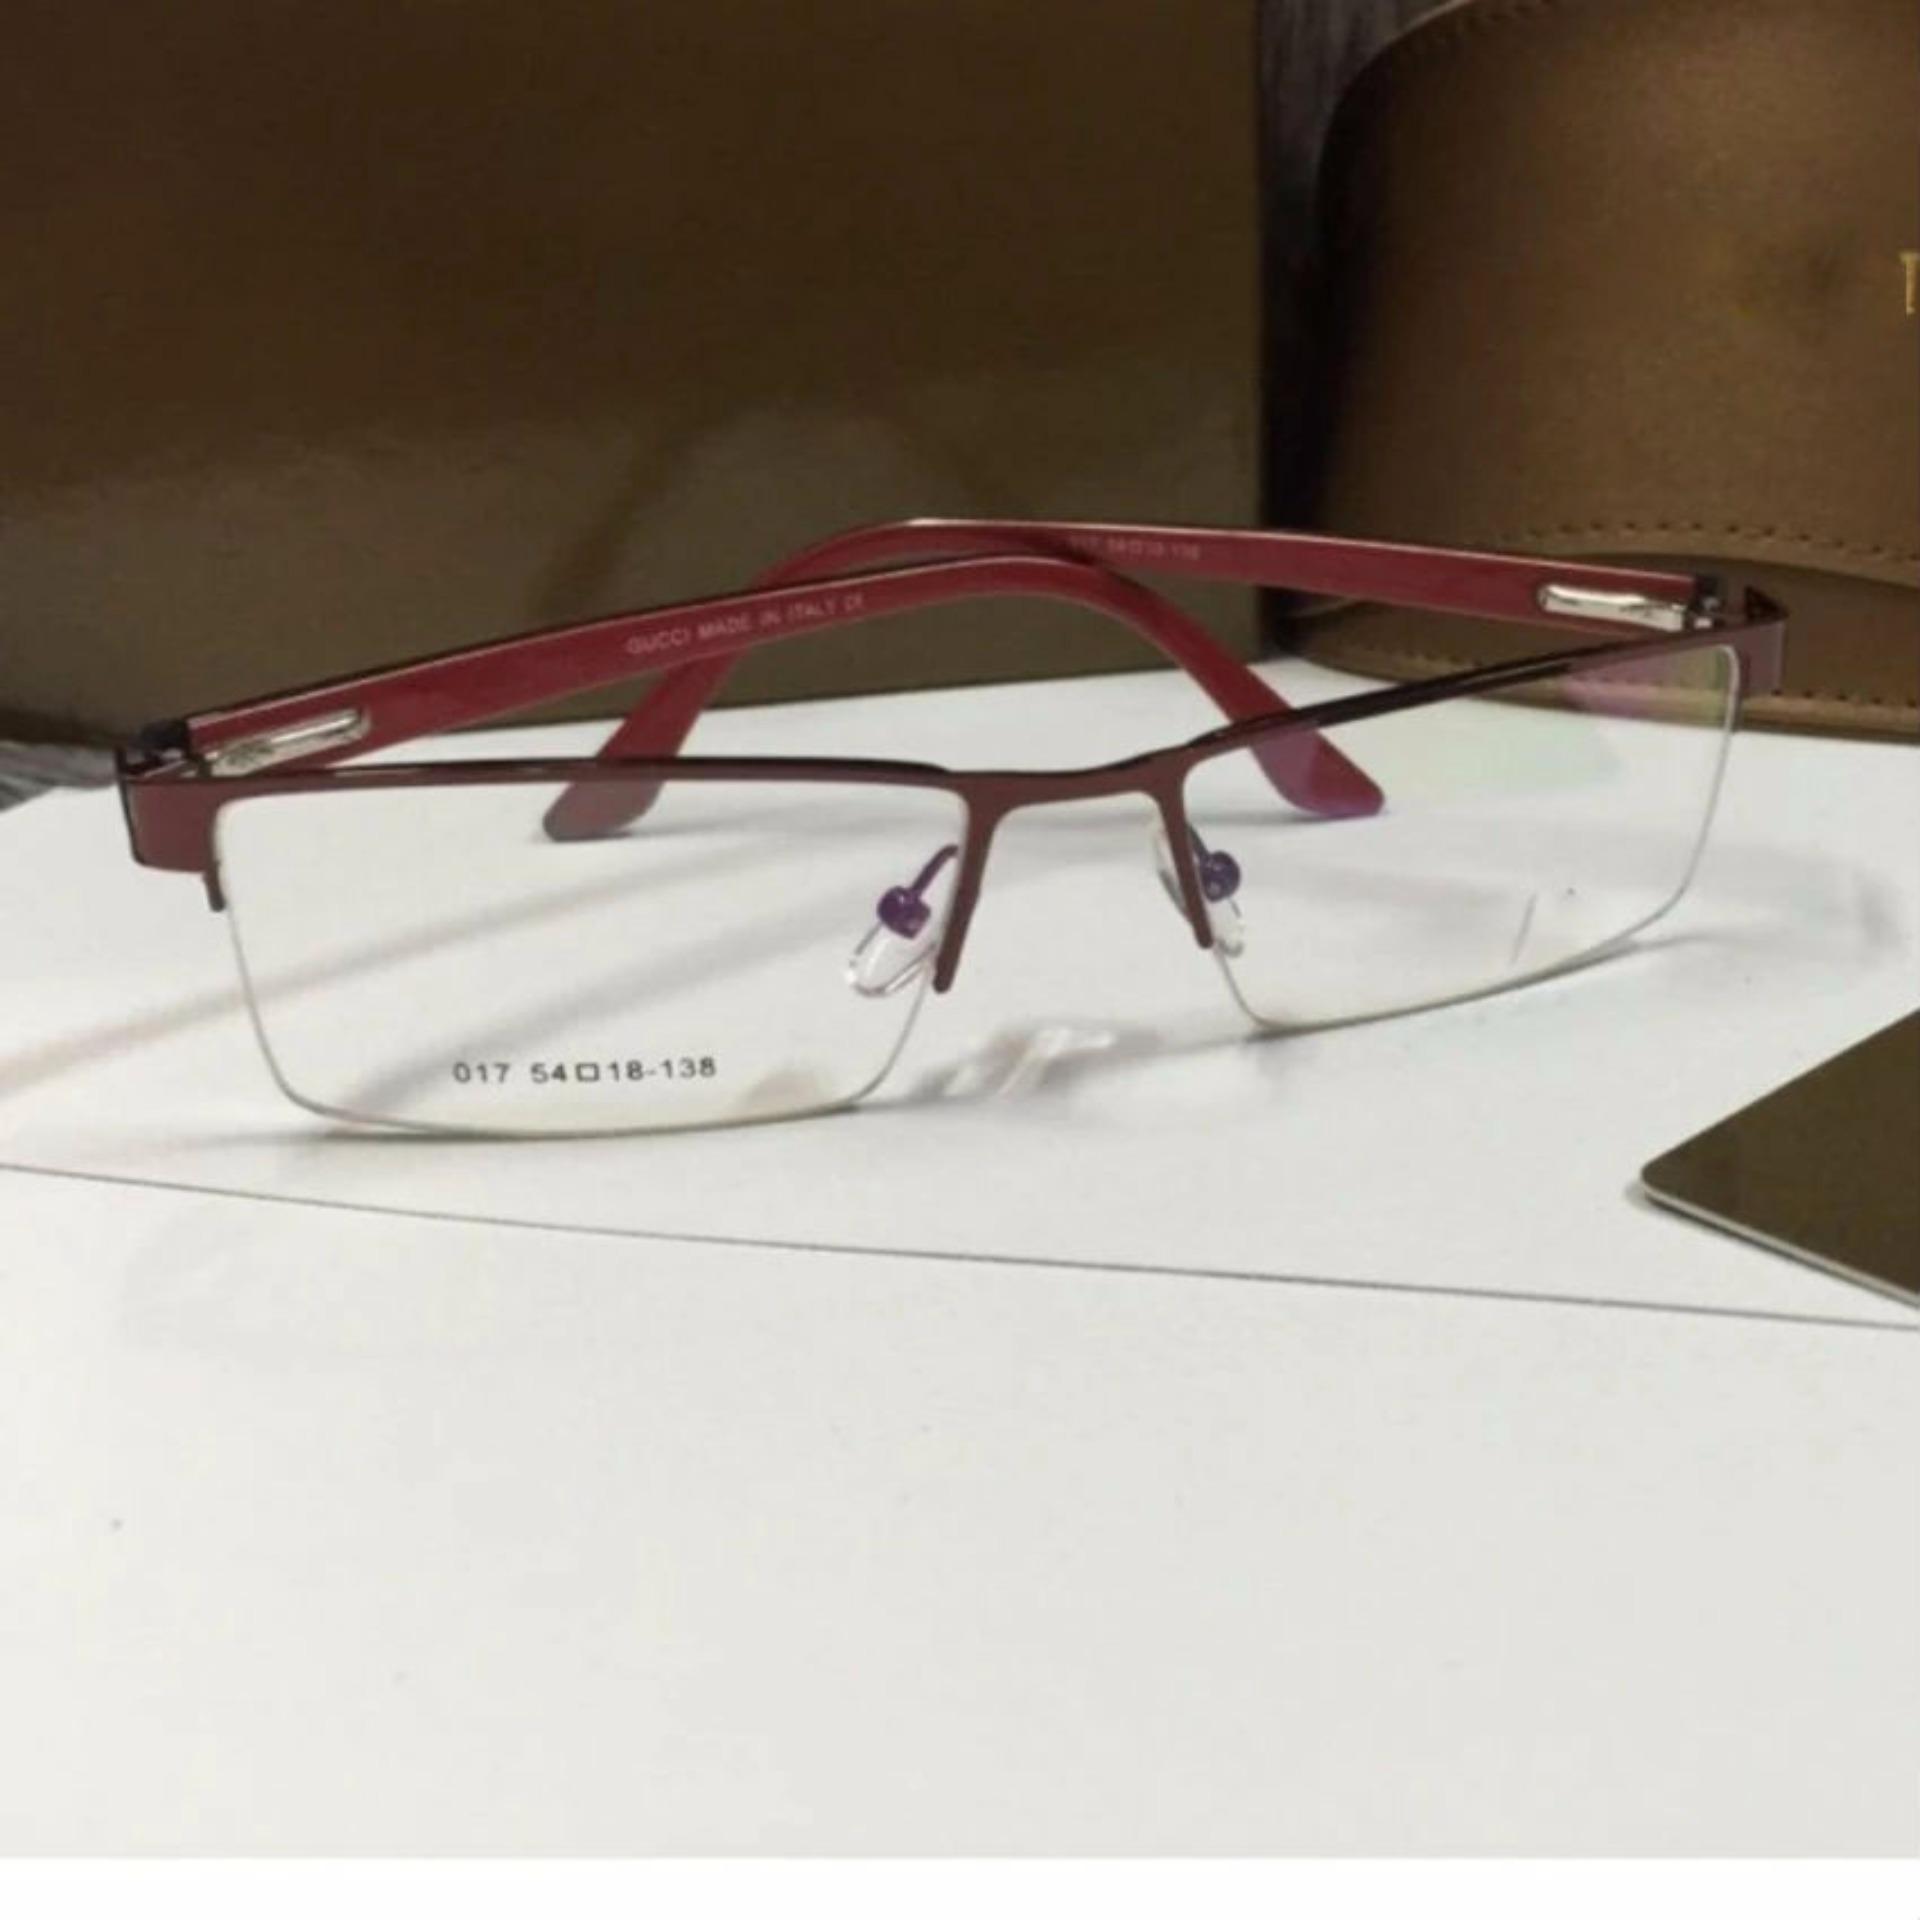 Gọng kính cận đẹp p007